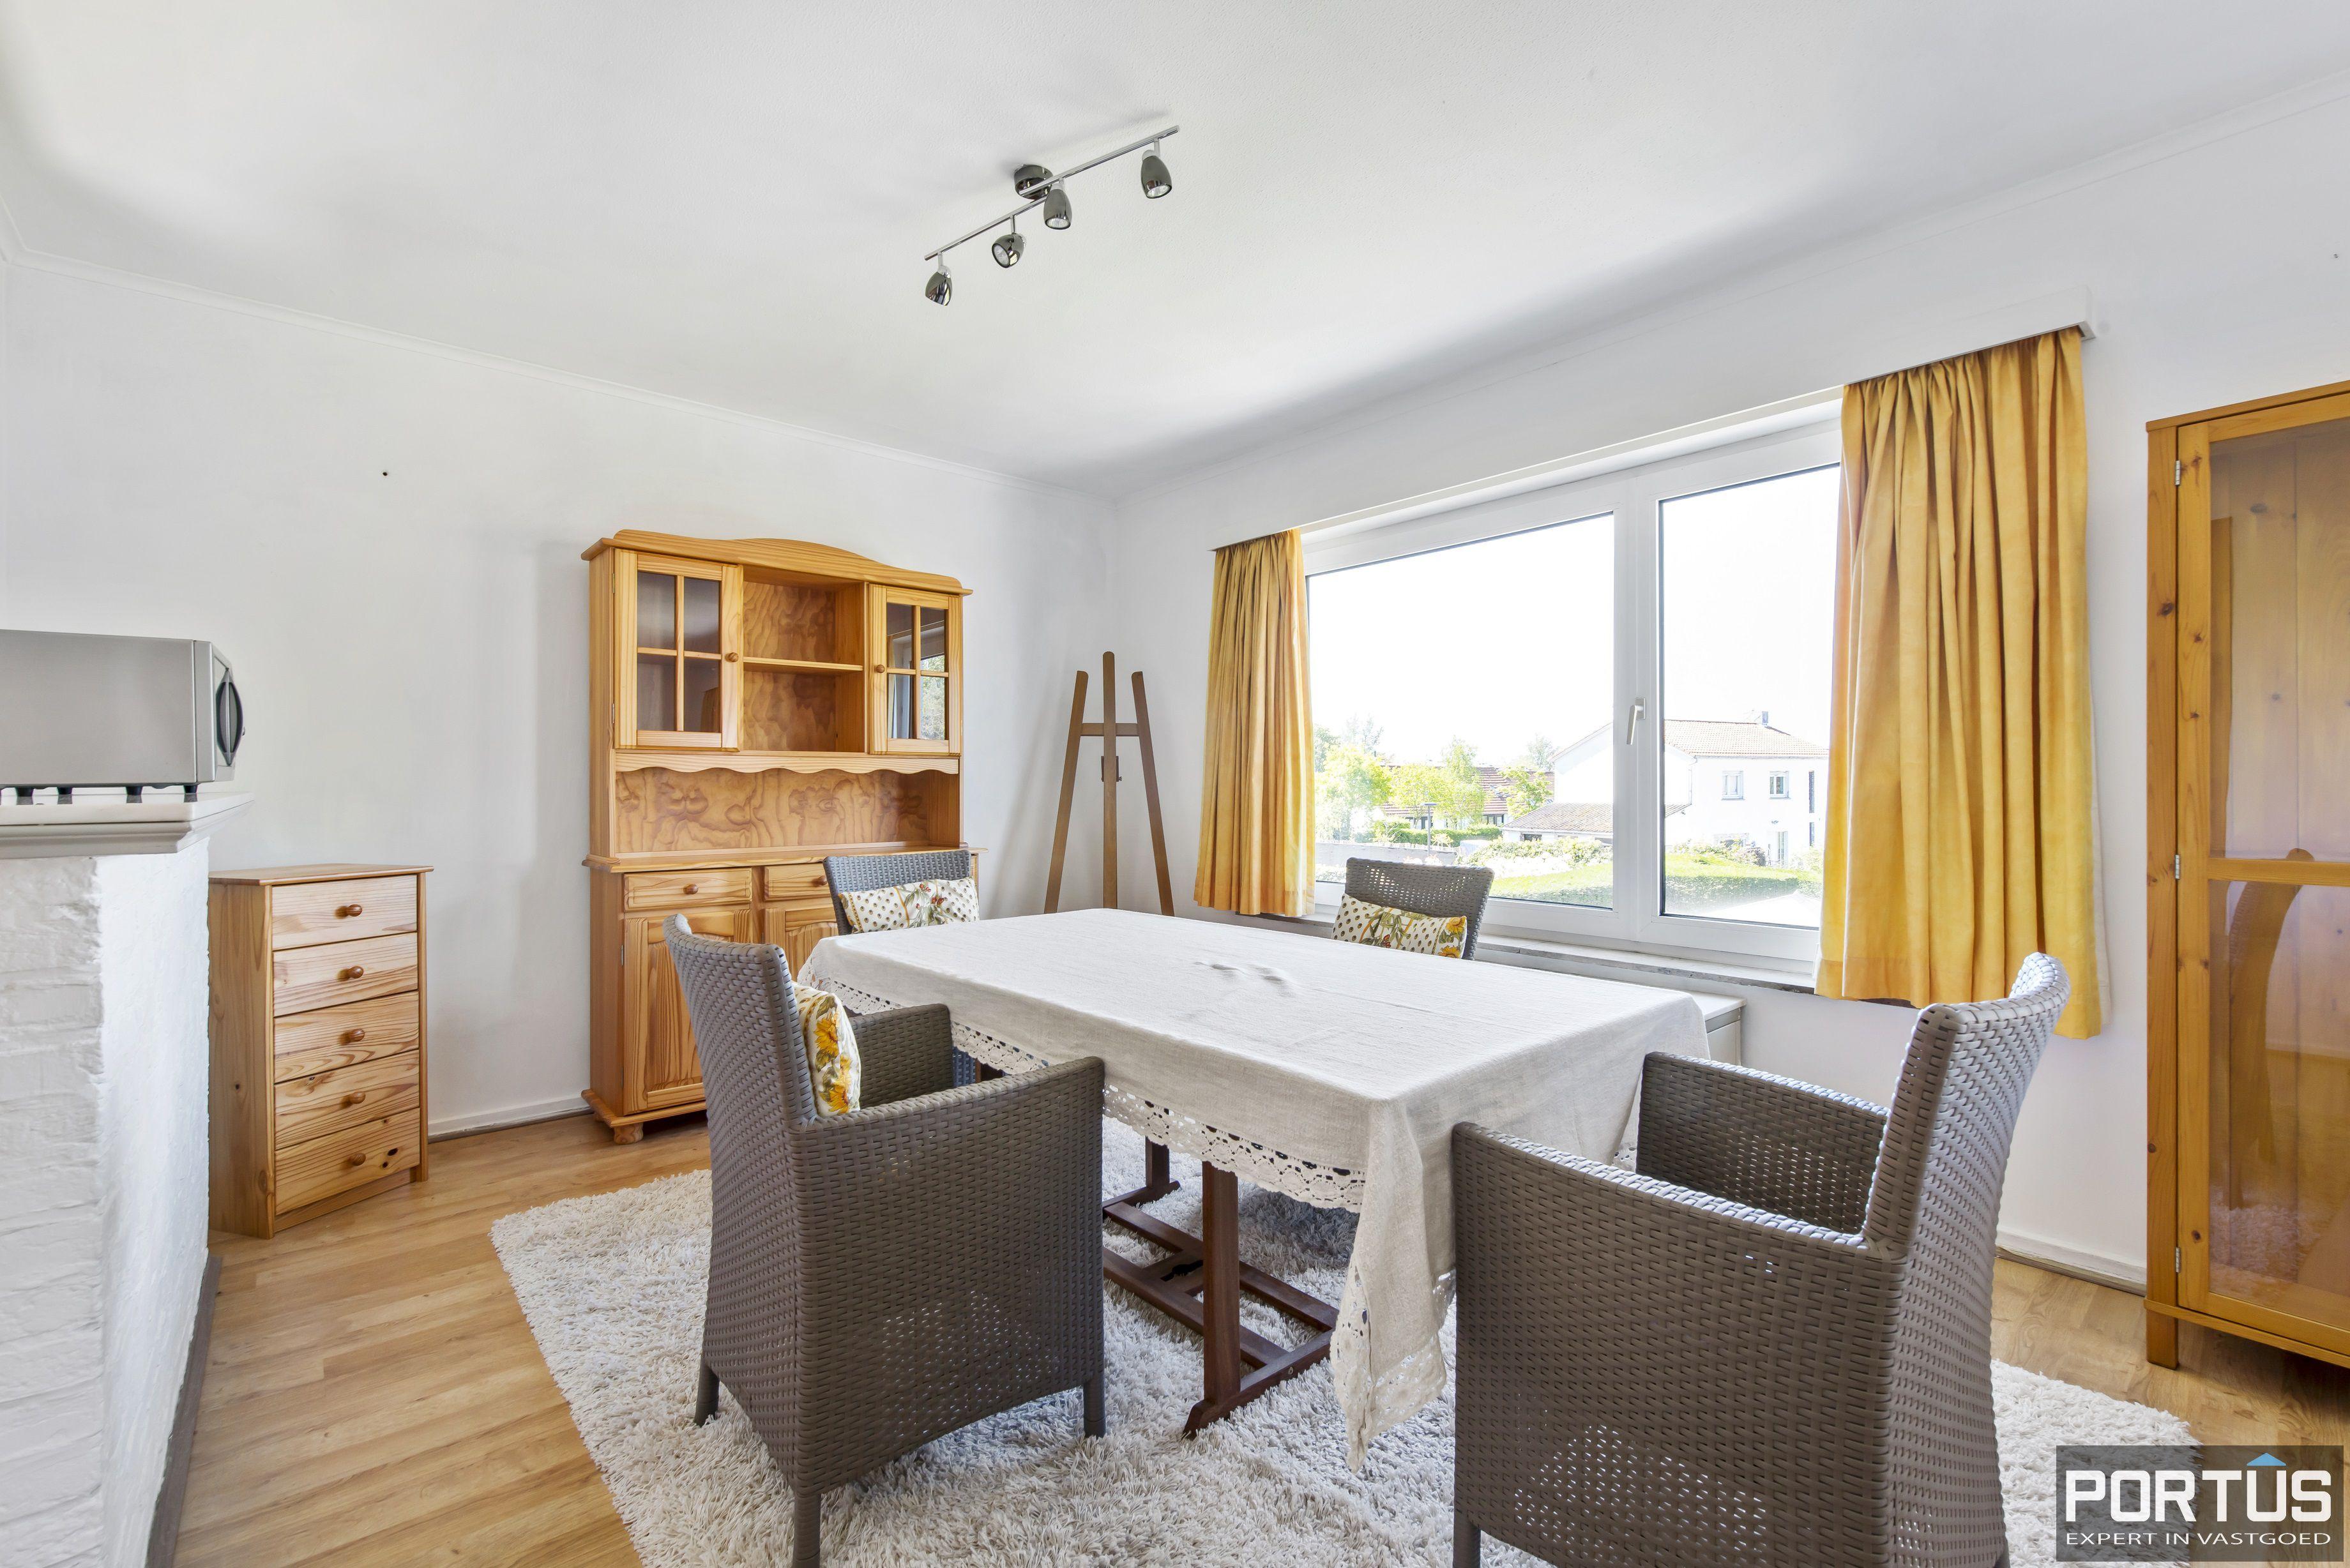 Appartement met 2 slaapkamers te koop te Nieuwpoort - 11144